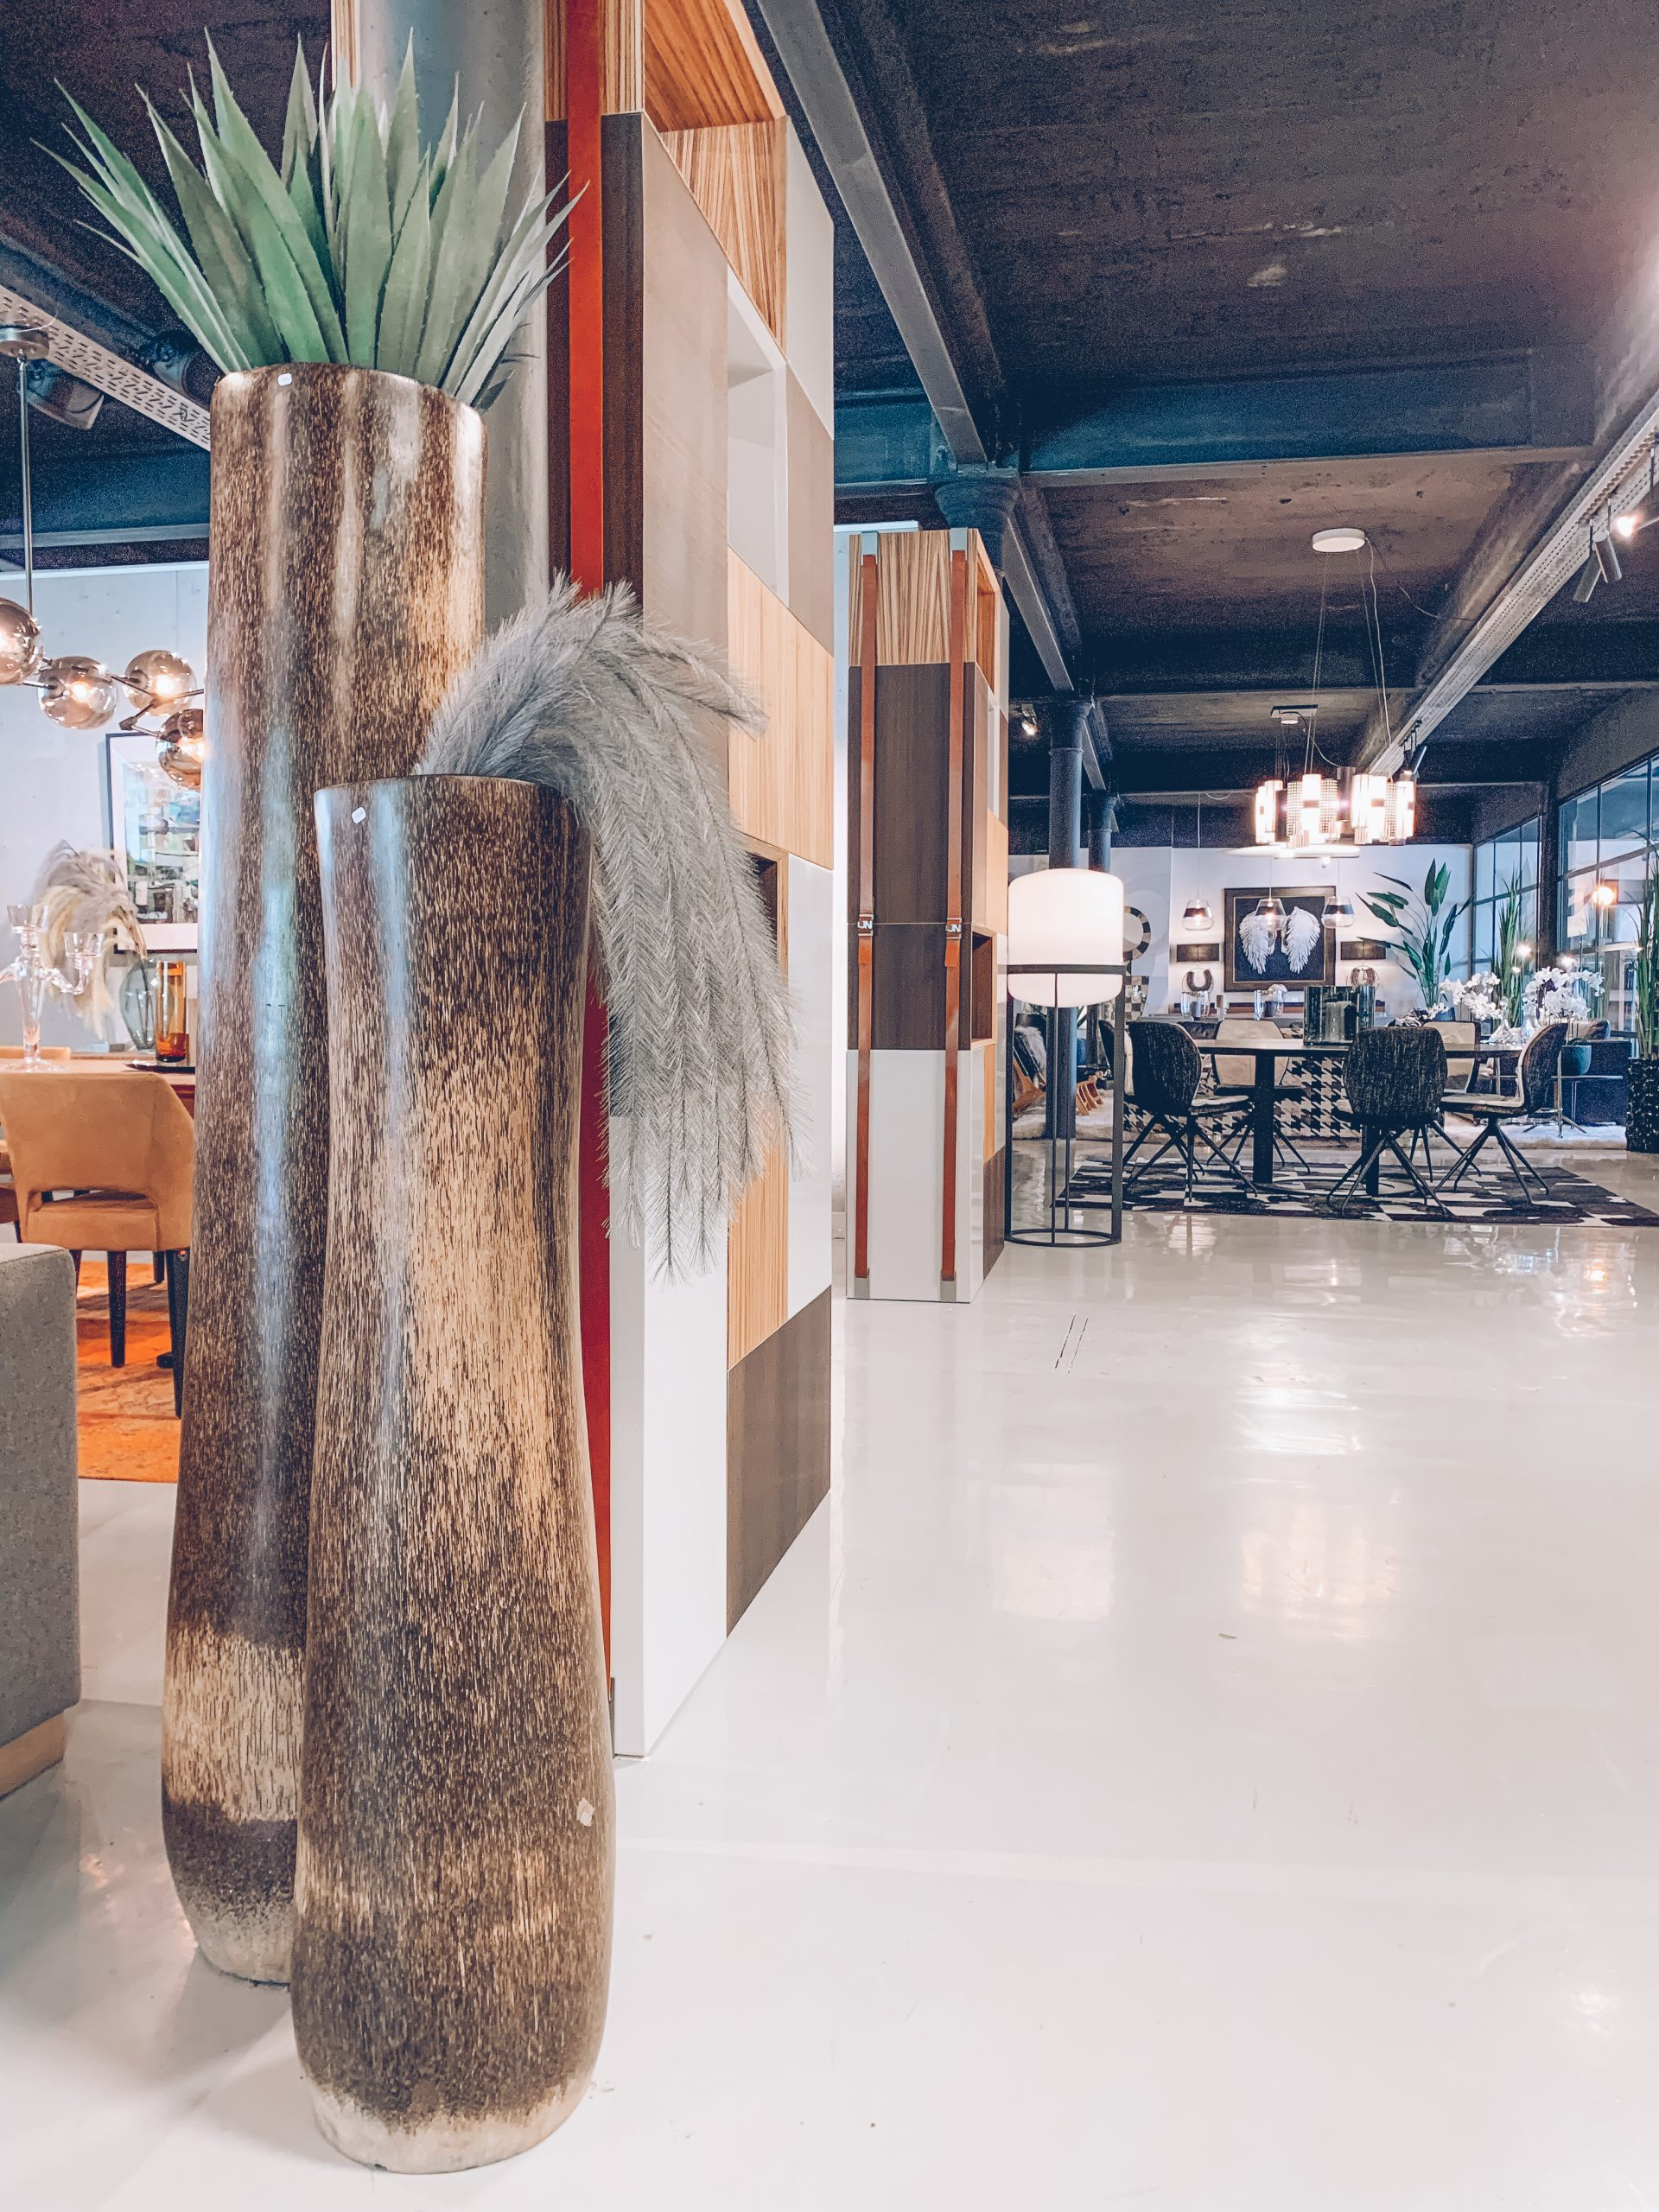 plantes d'intérieur, vases décoratif, objets de décoration, magasin de déco belgique, designers belges, jn interiors, jour et nuit liège verviers